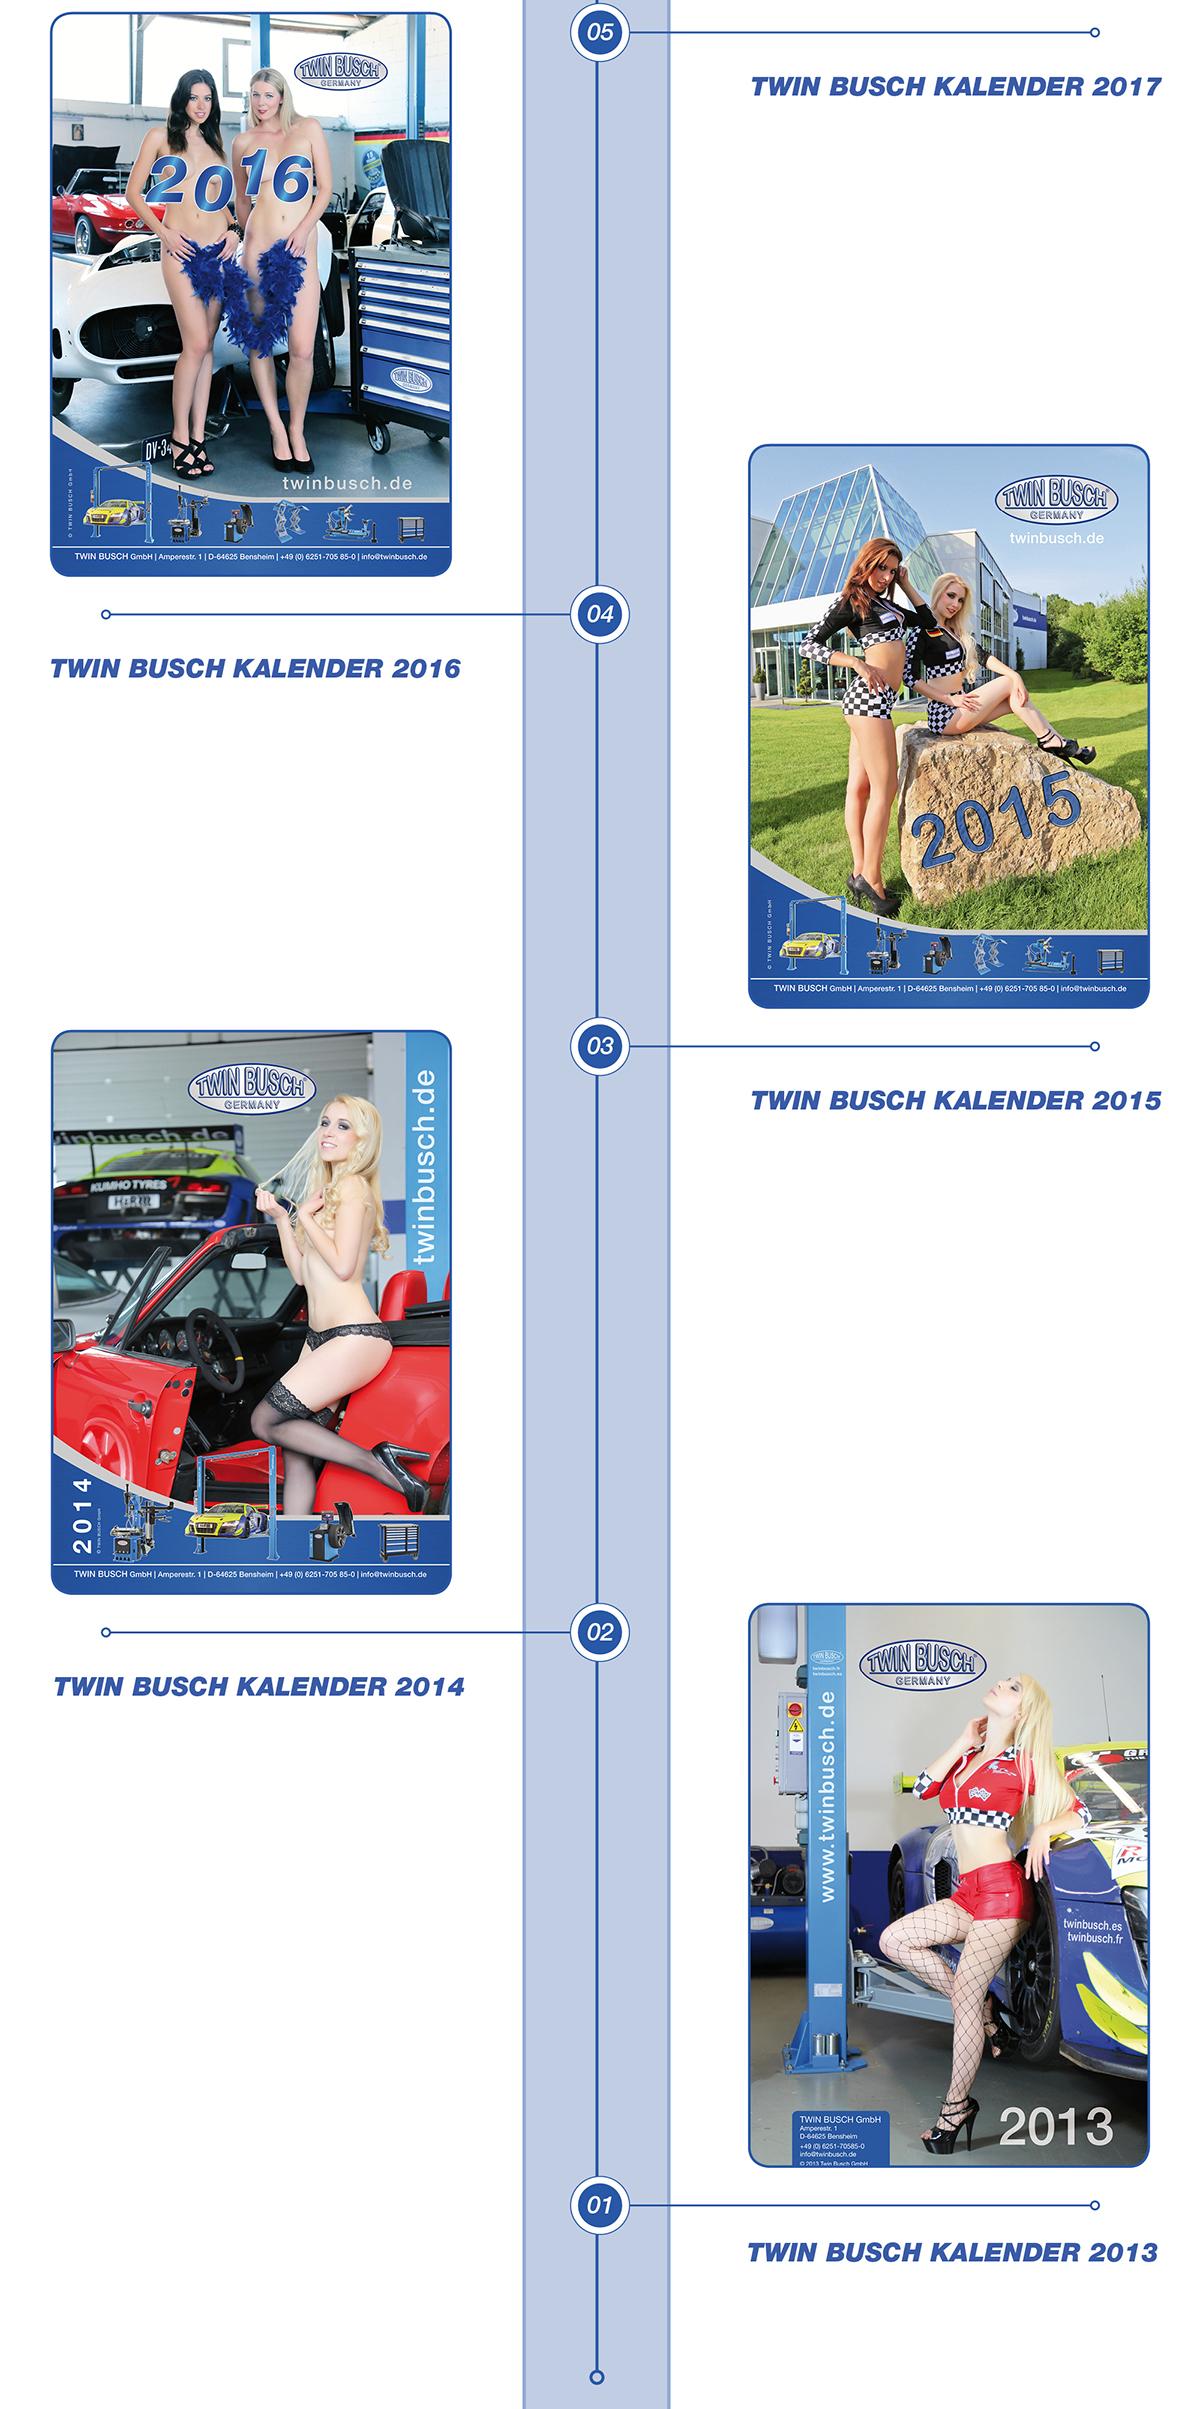 twin busch kalender twin busch kalender. Black Bedroom Furniture Sets. Home Design Ideas